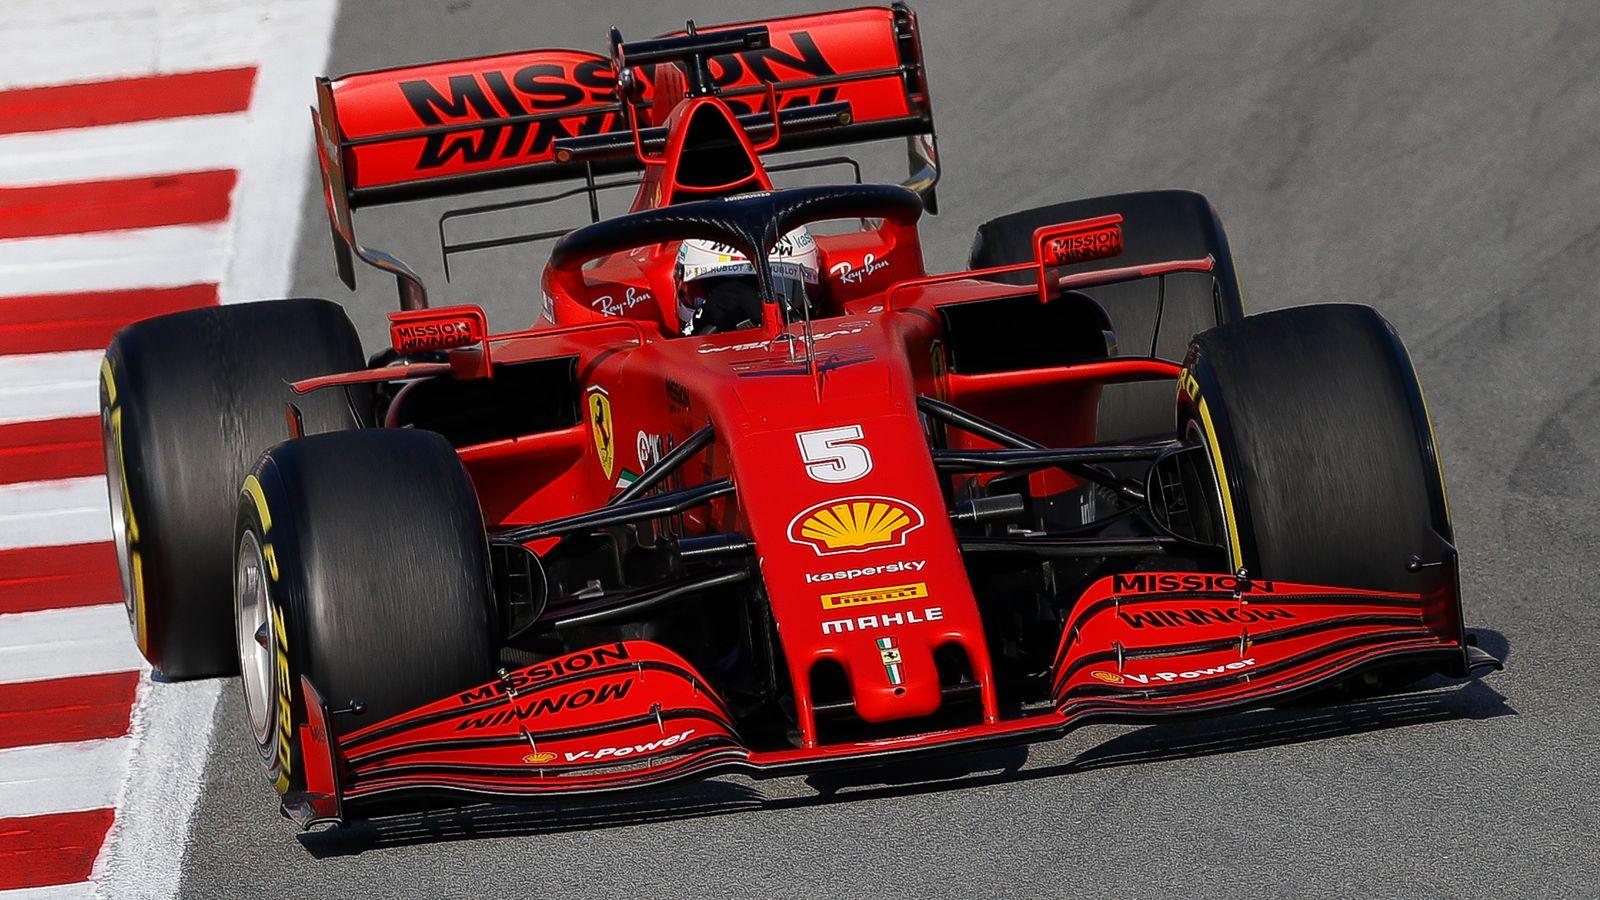 F1 Testing: Ferrari already playing catch-up ahead of crucial last week